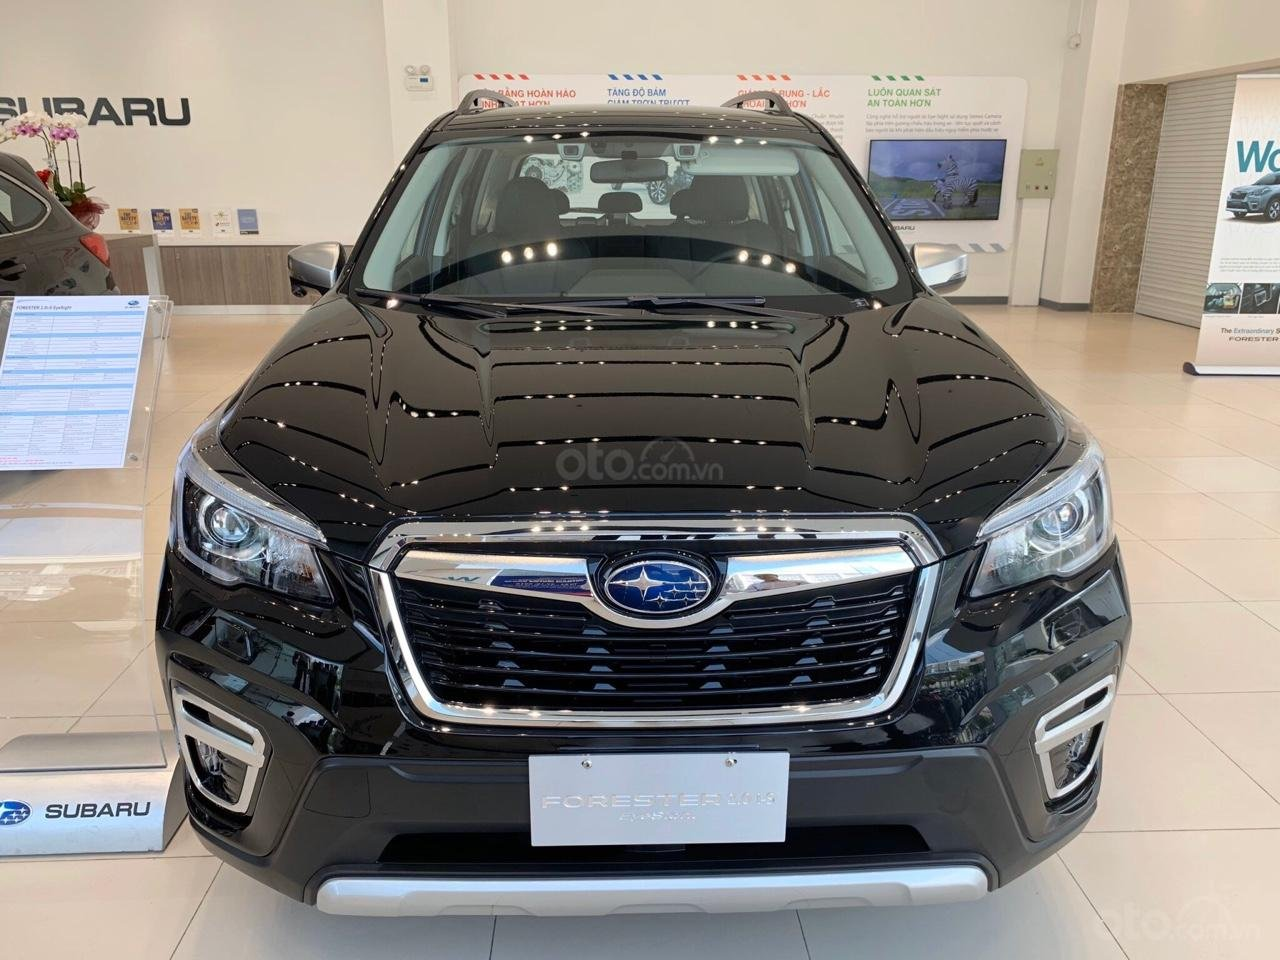 Subaru Forester nhập Thái, khuyến mãi 30 triệu trong tháng 11/2019 (8)